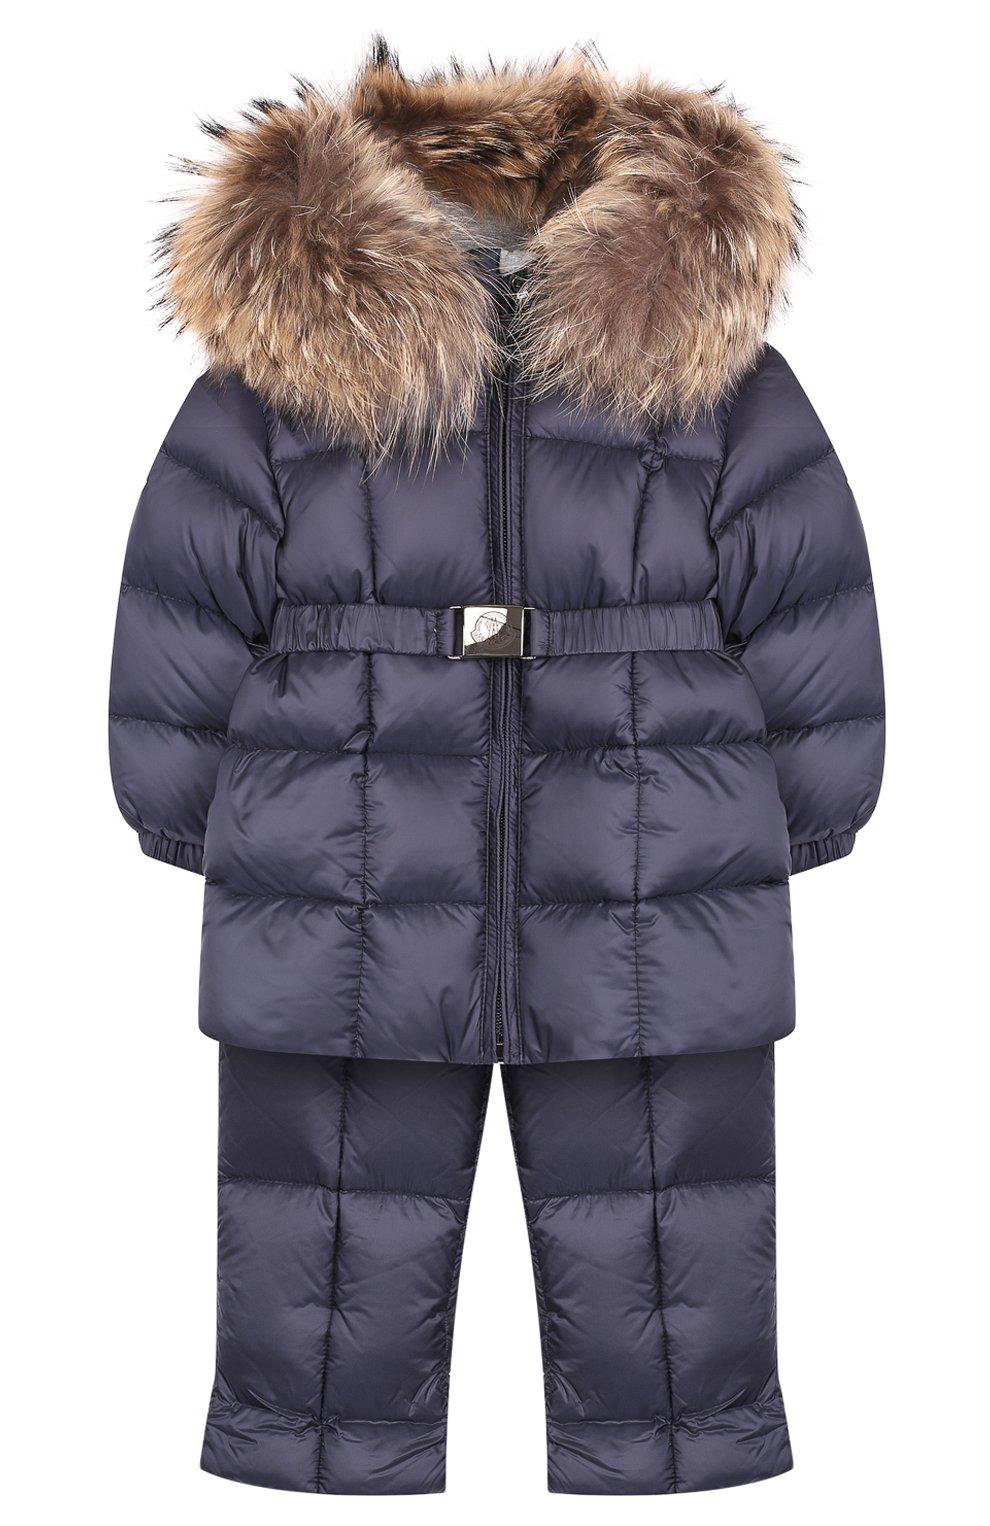 Детский комплект из пуховой куртки и комбинезона на подтяжках MONCLER ENFANT темно-синего цвета, арт. D2-951-70336-25-53048 | Фото 1